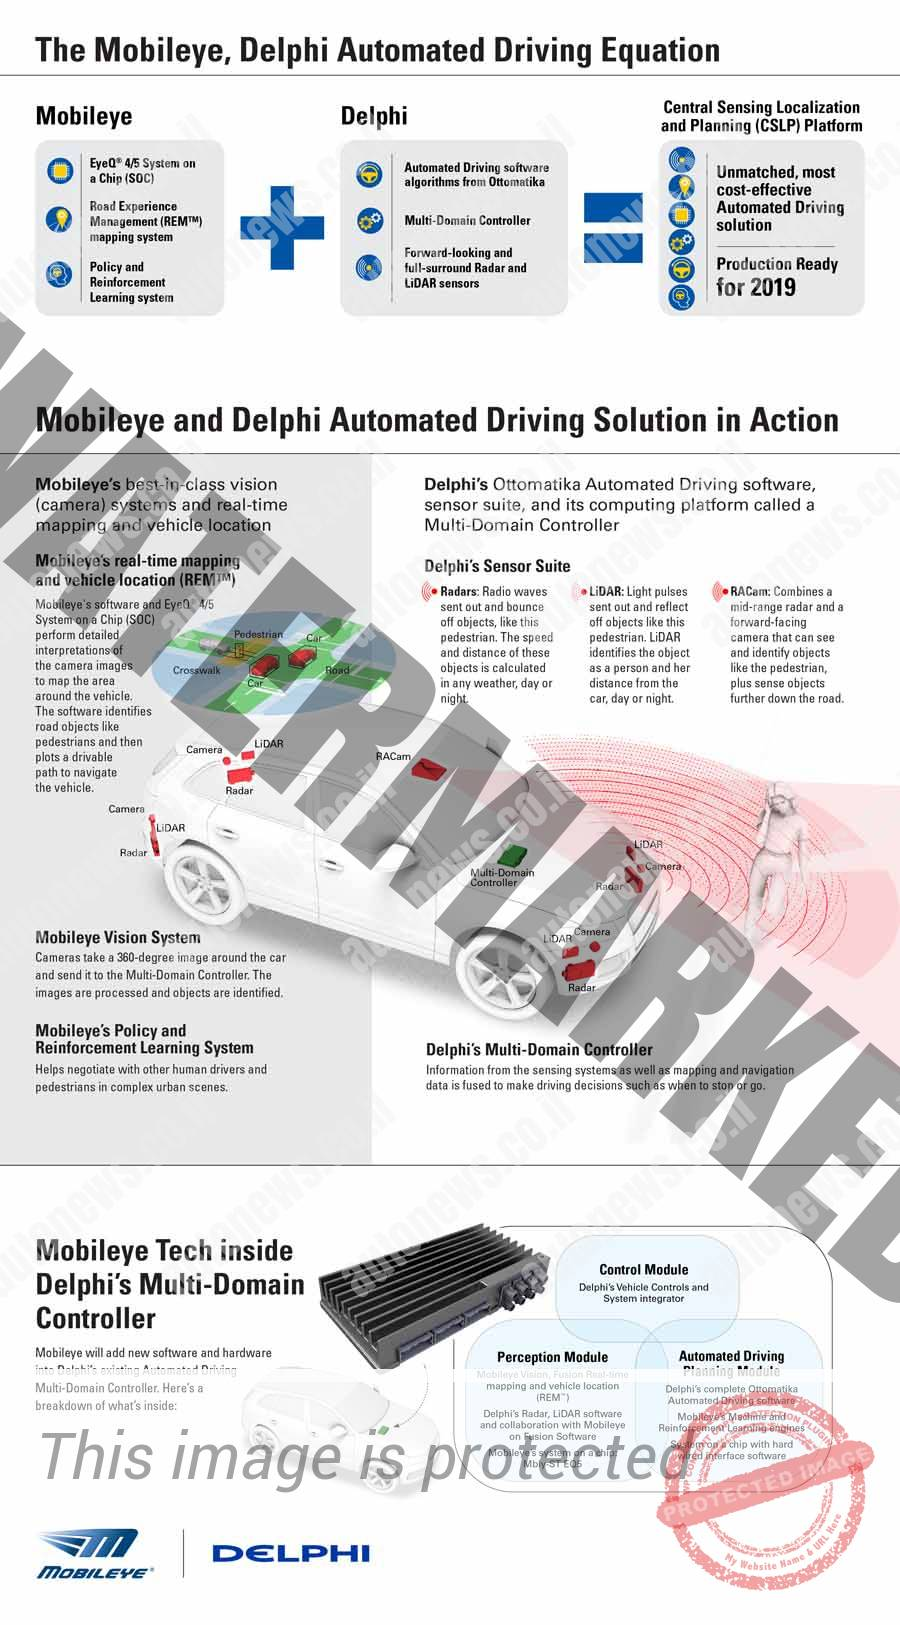 איור שיתוף הפעולה בין דלפי למובילאיי בפיתוח מערכת נהיגה אוטונומית (דלפי)